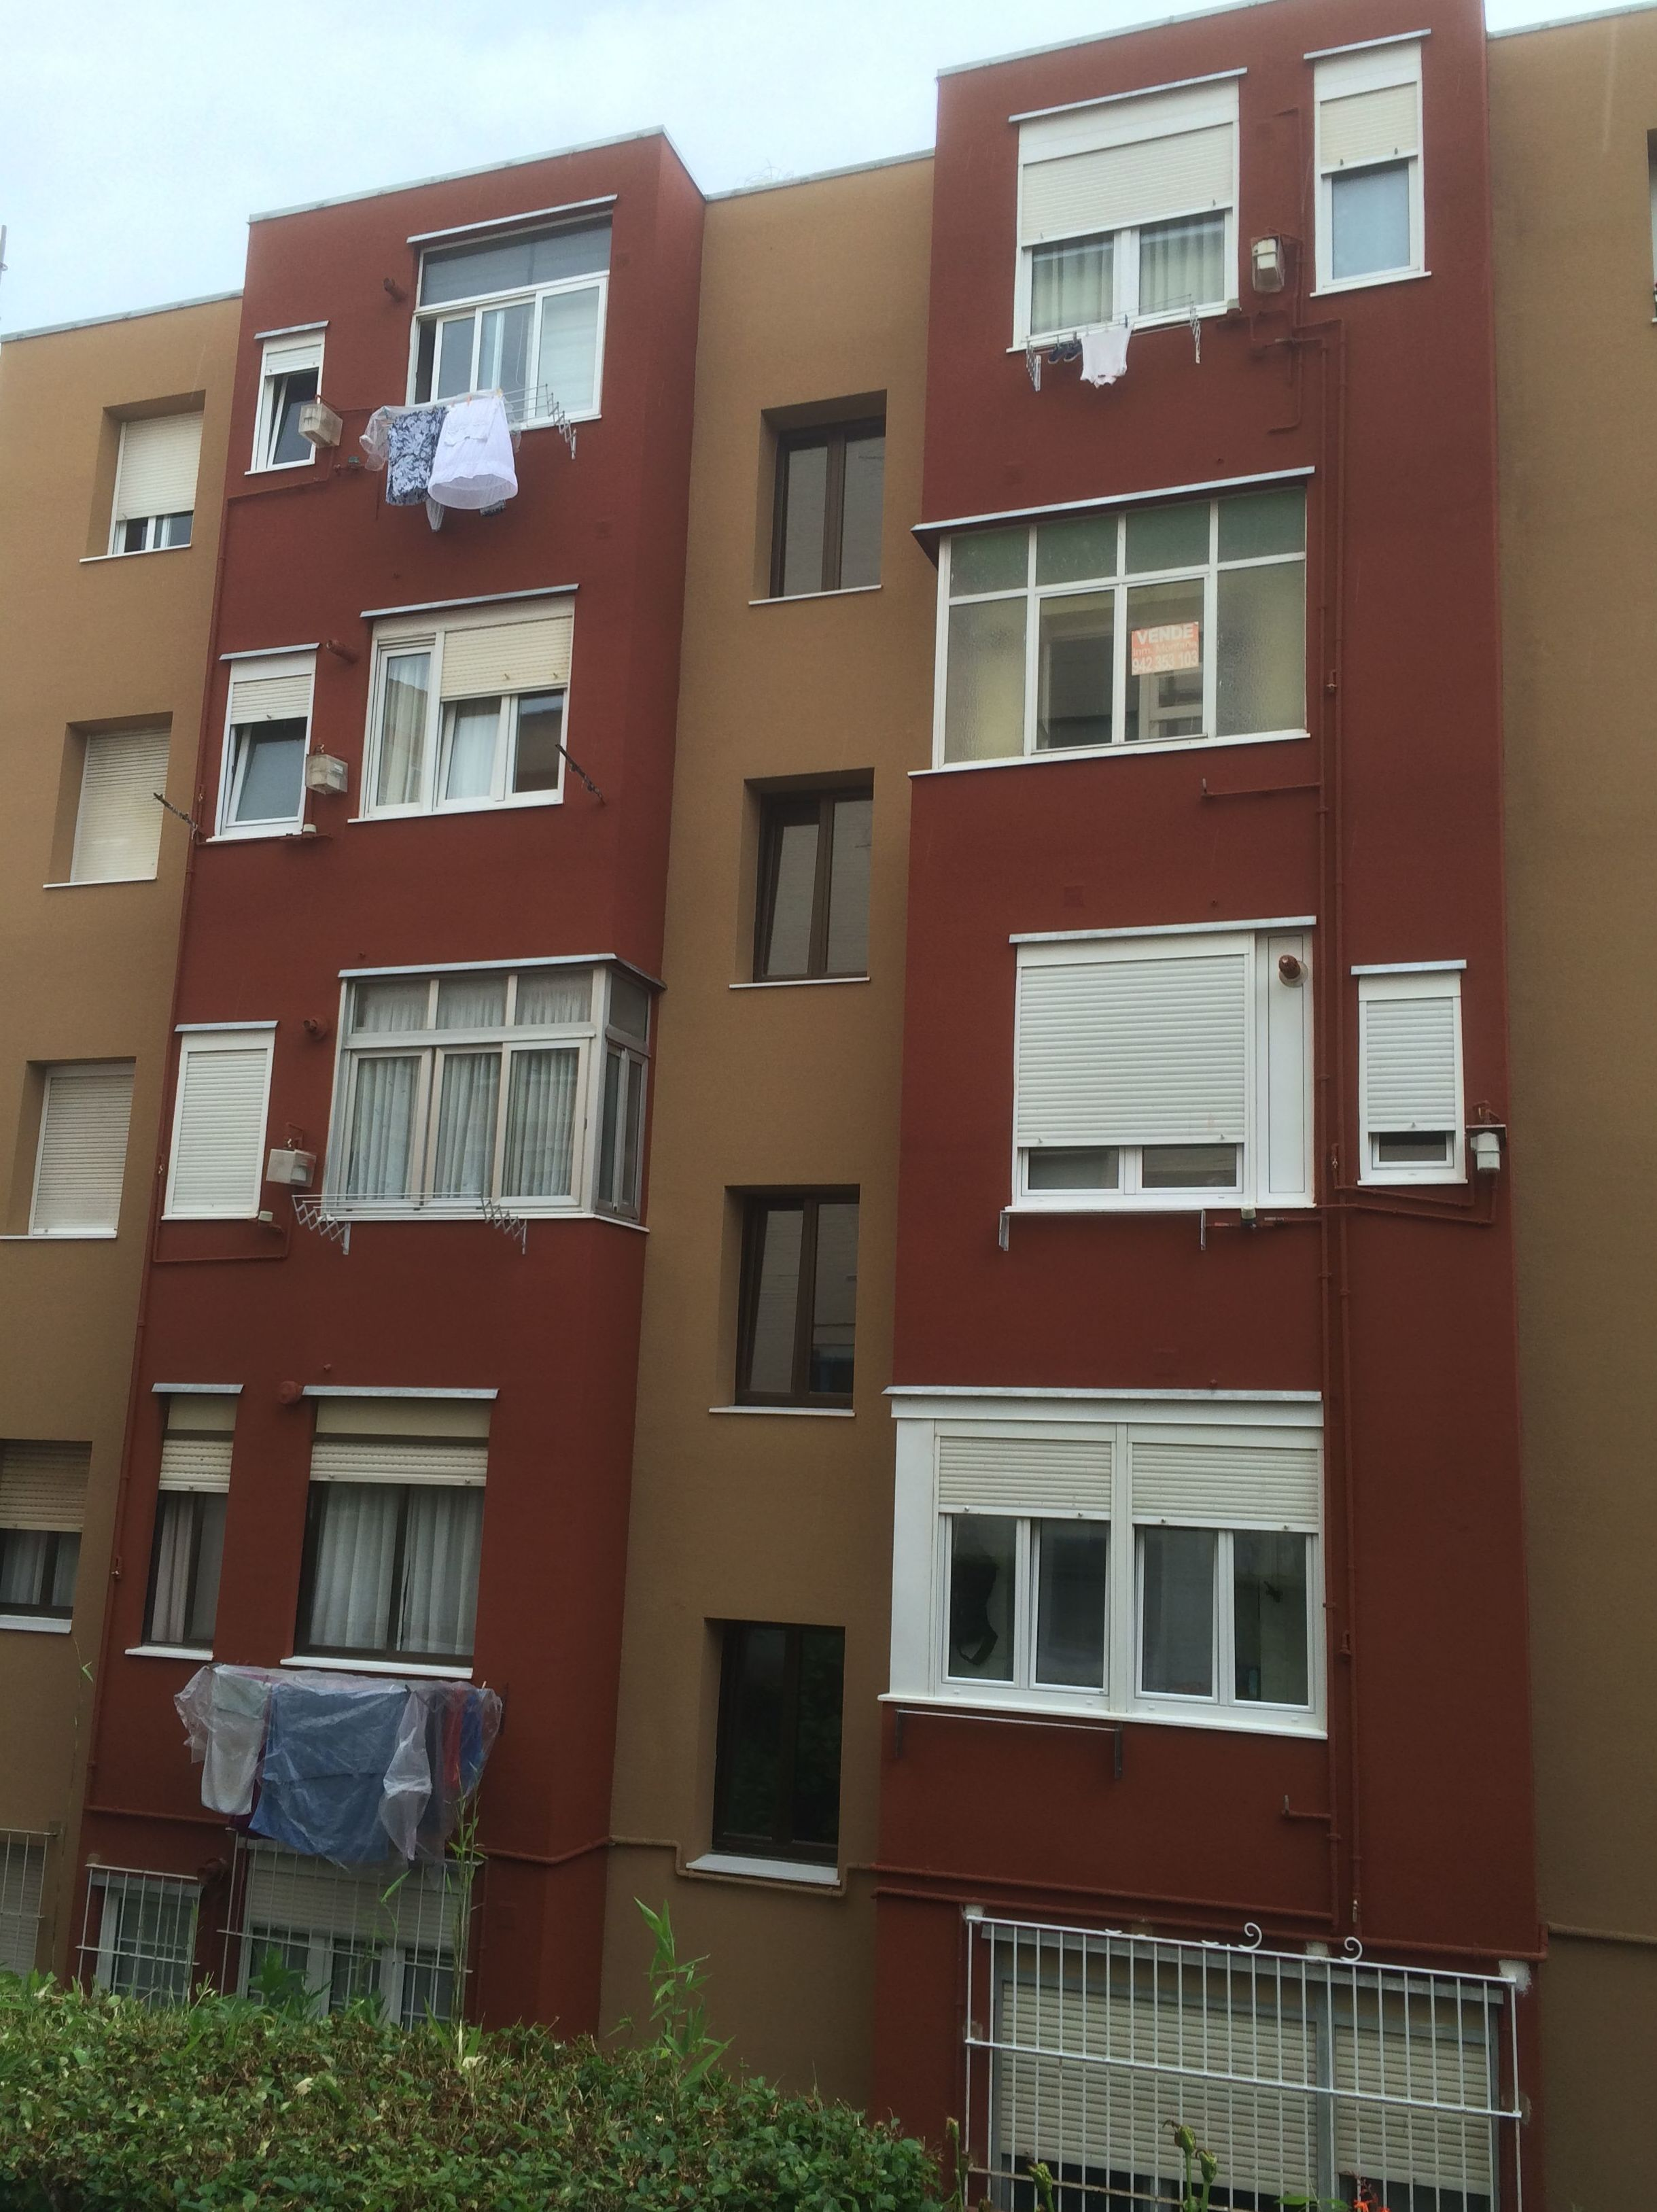 La inspección técnica de edificios afectará a 21.400 viviendas de Santander